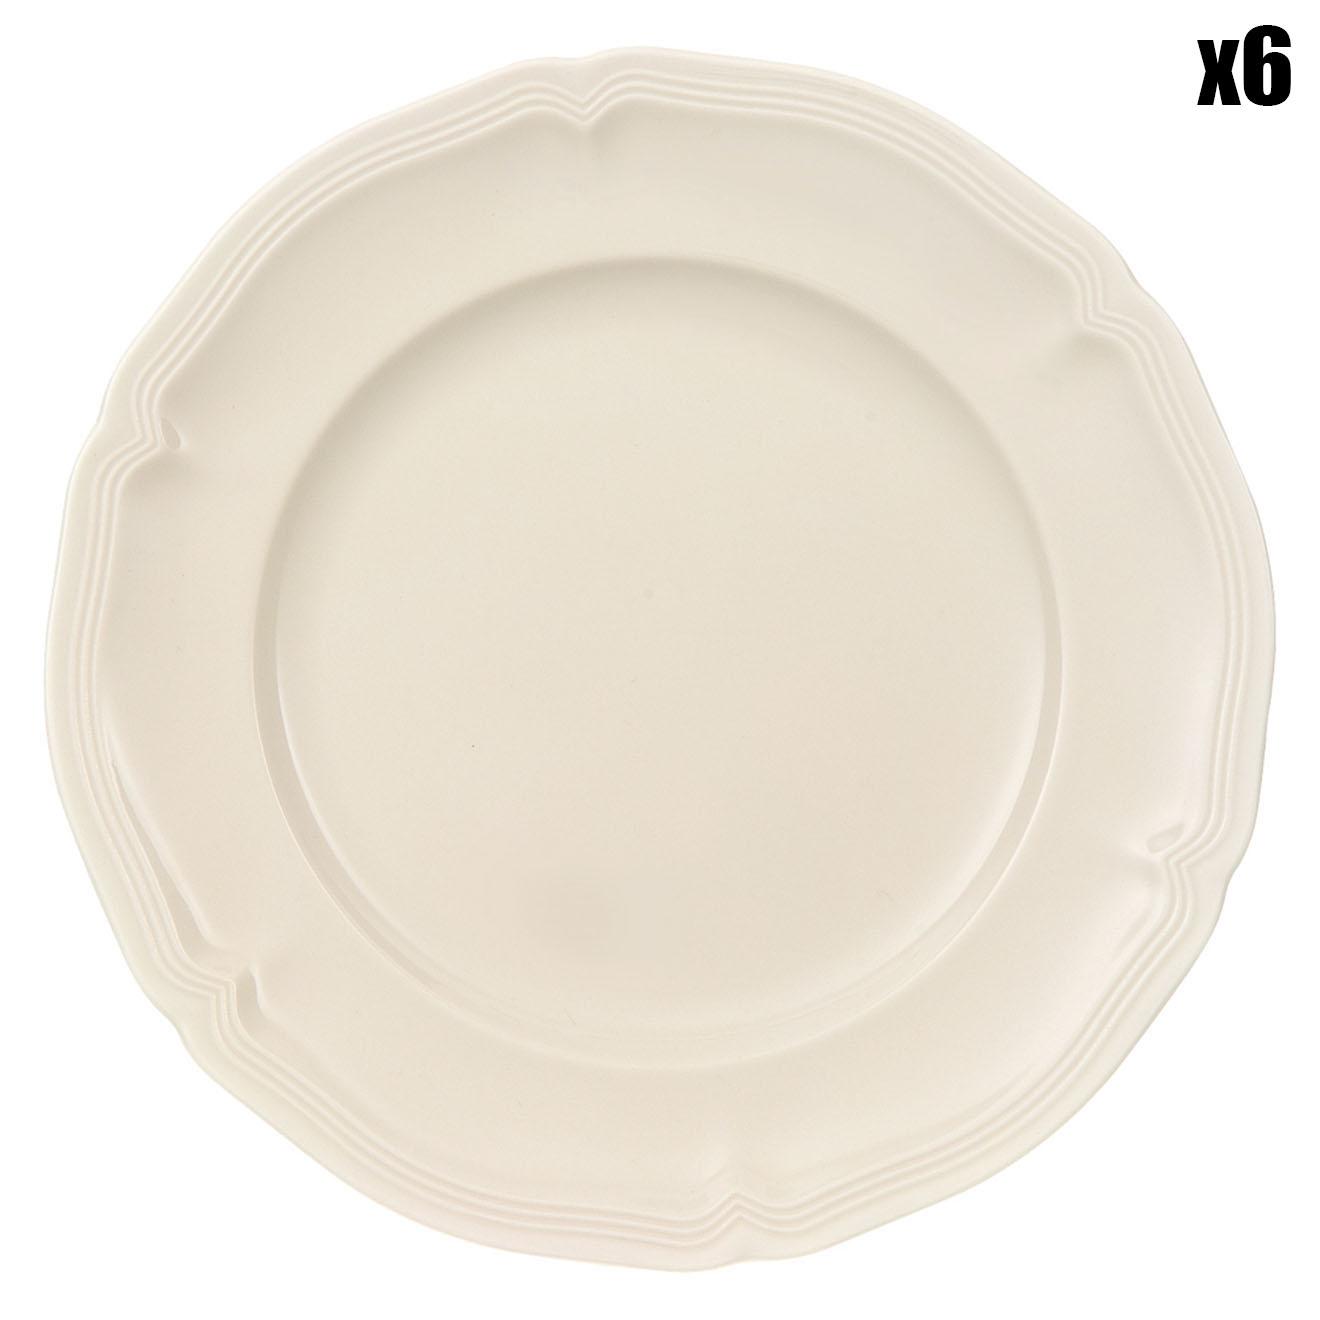 6 Assiettes à pain Manoir blanches - D.17 cm